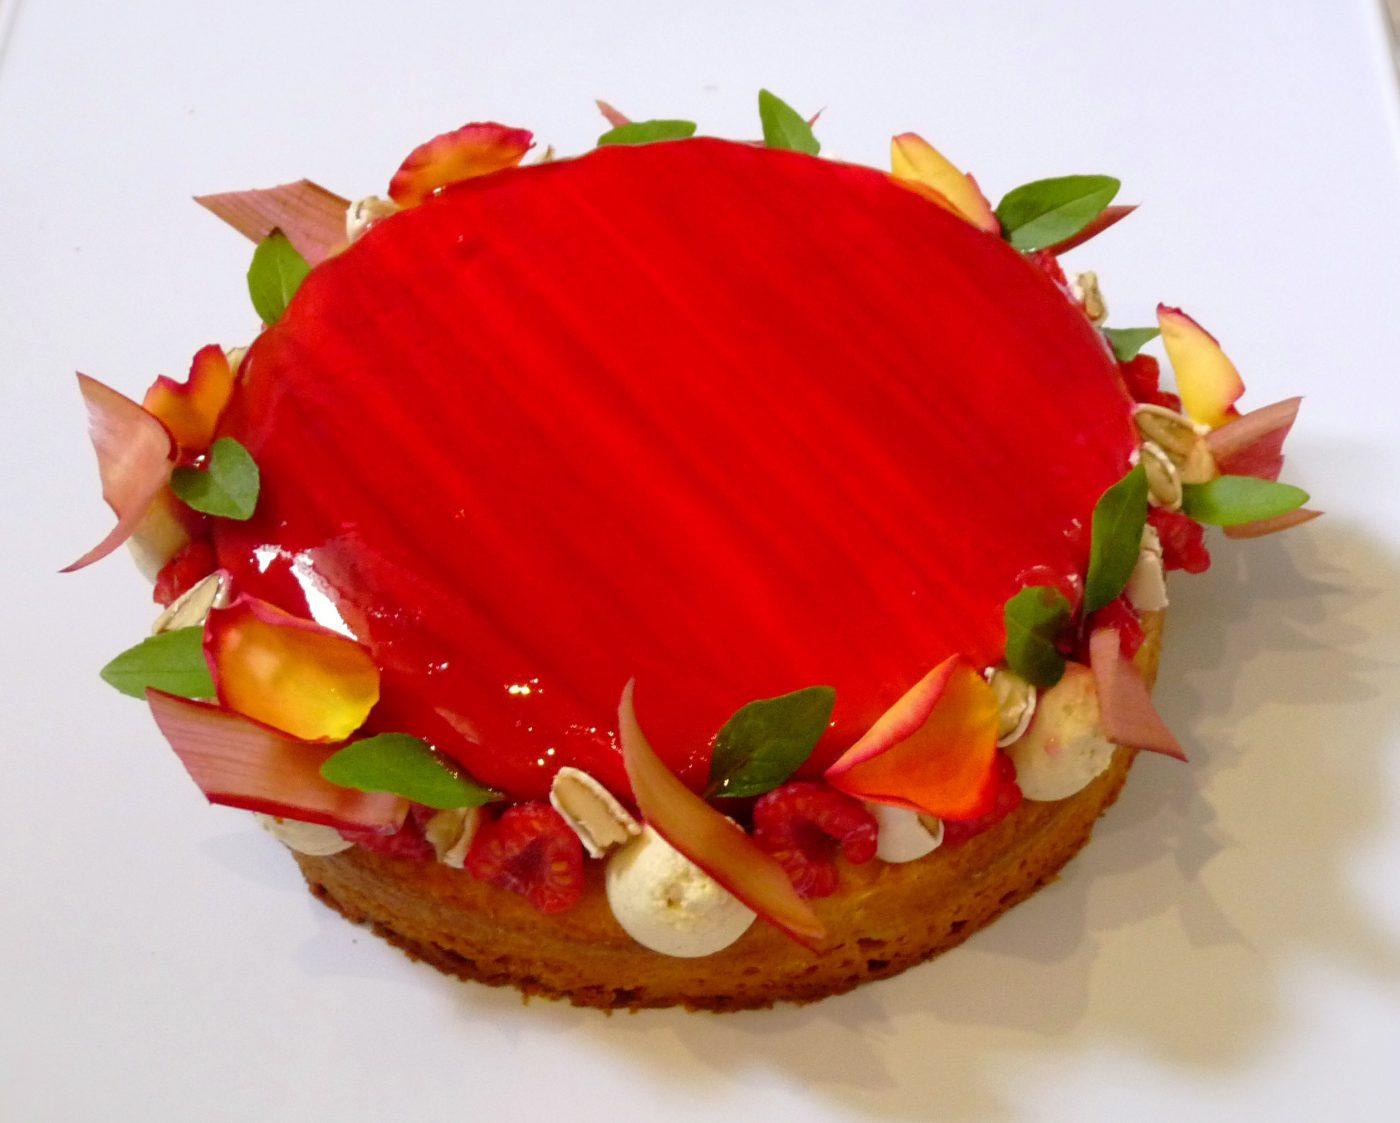 Fantastik Rhubarbe Vanille